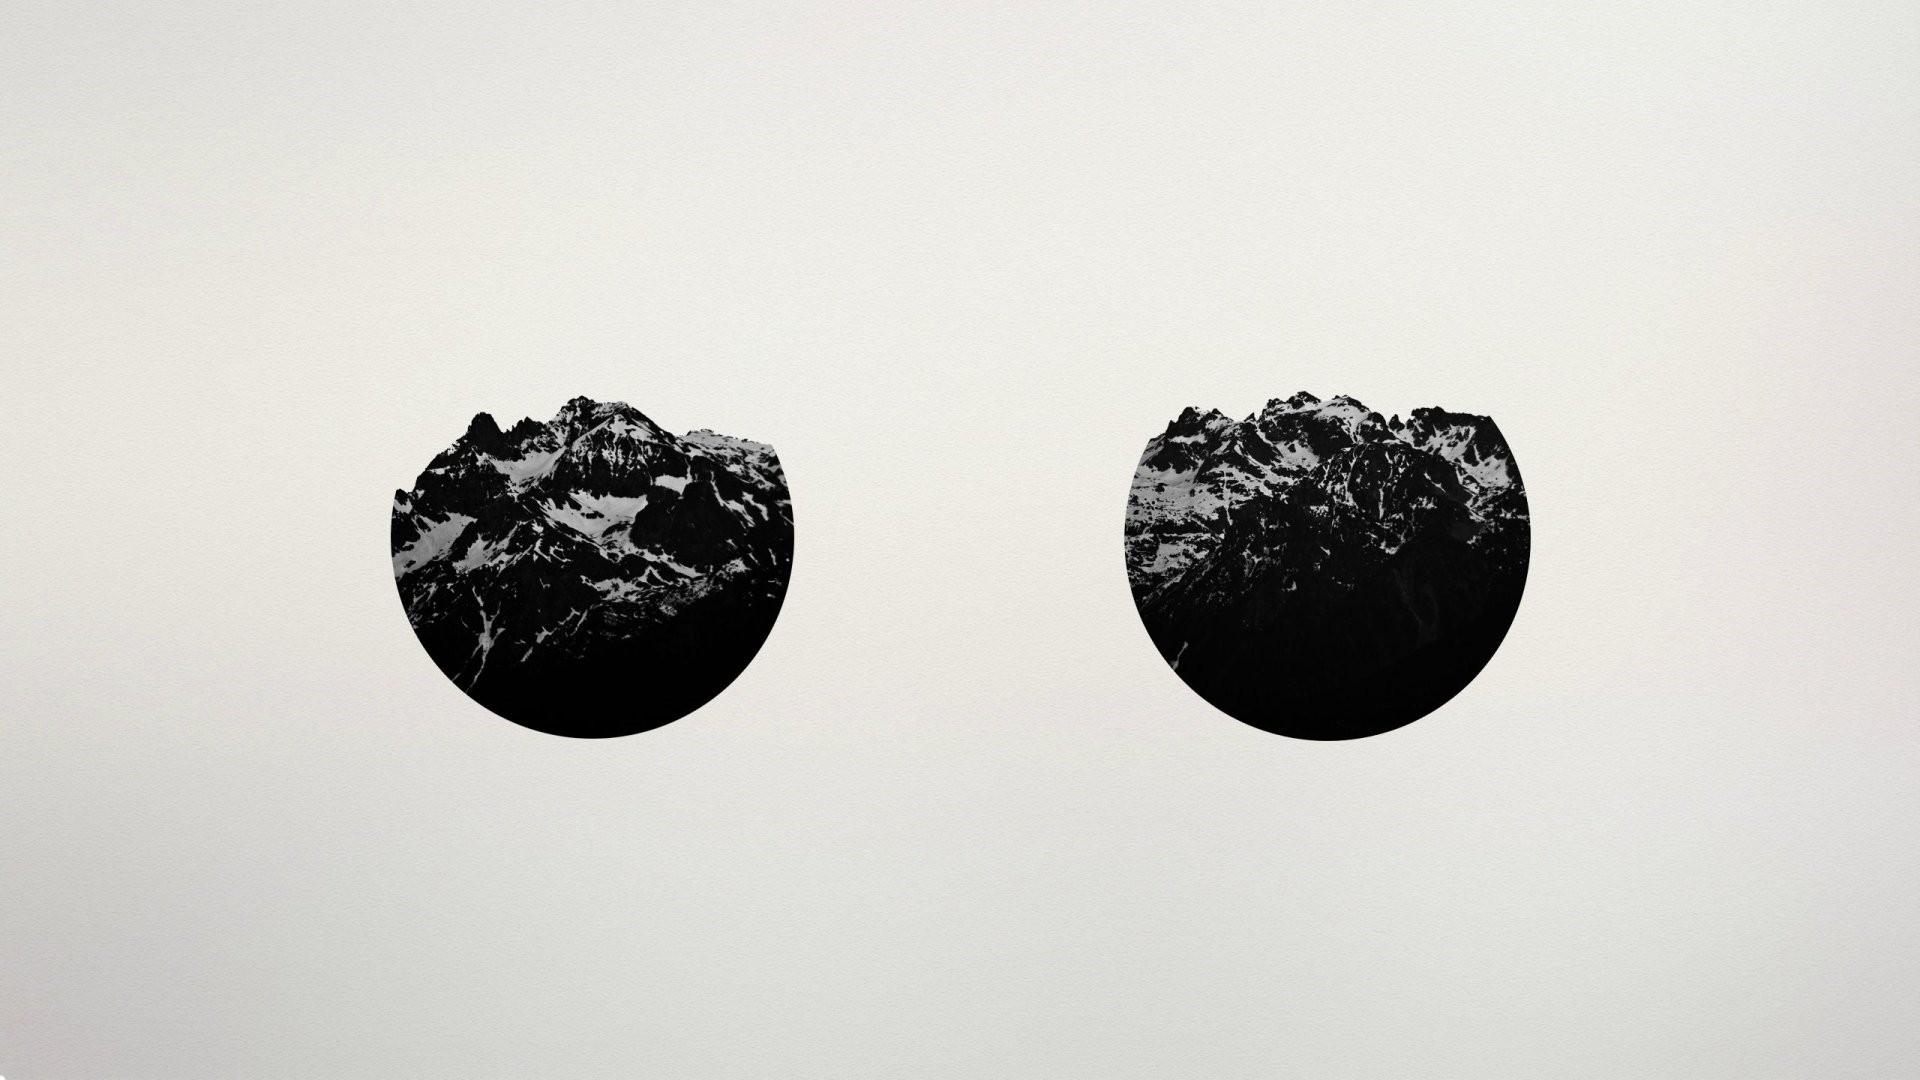 Aesthetic Black Wallpaper 1920x1080